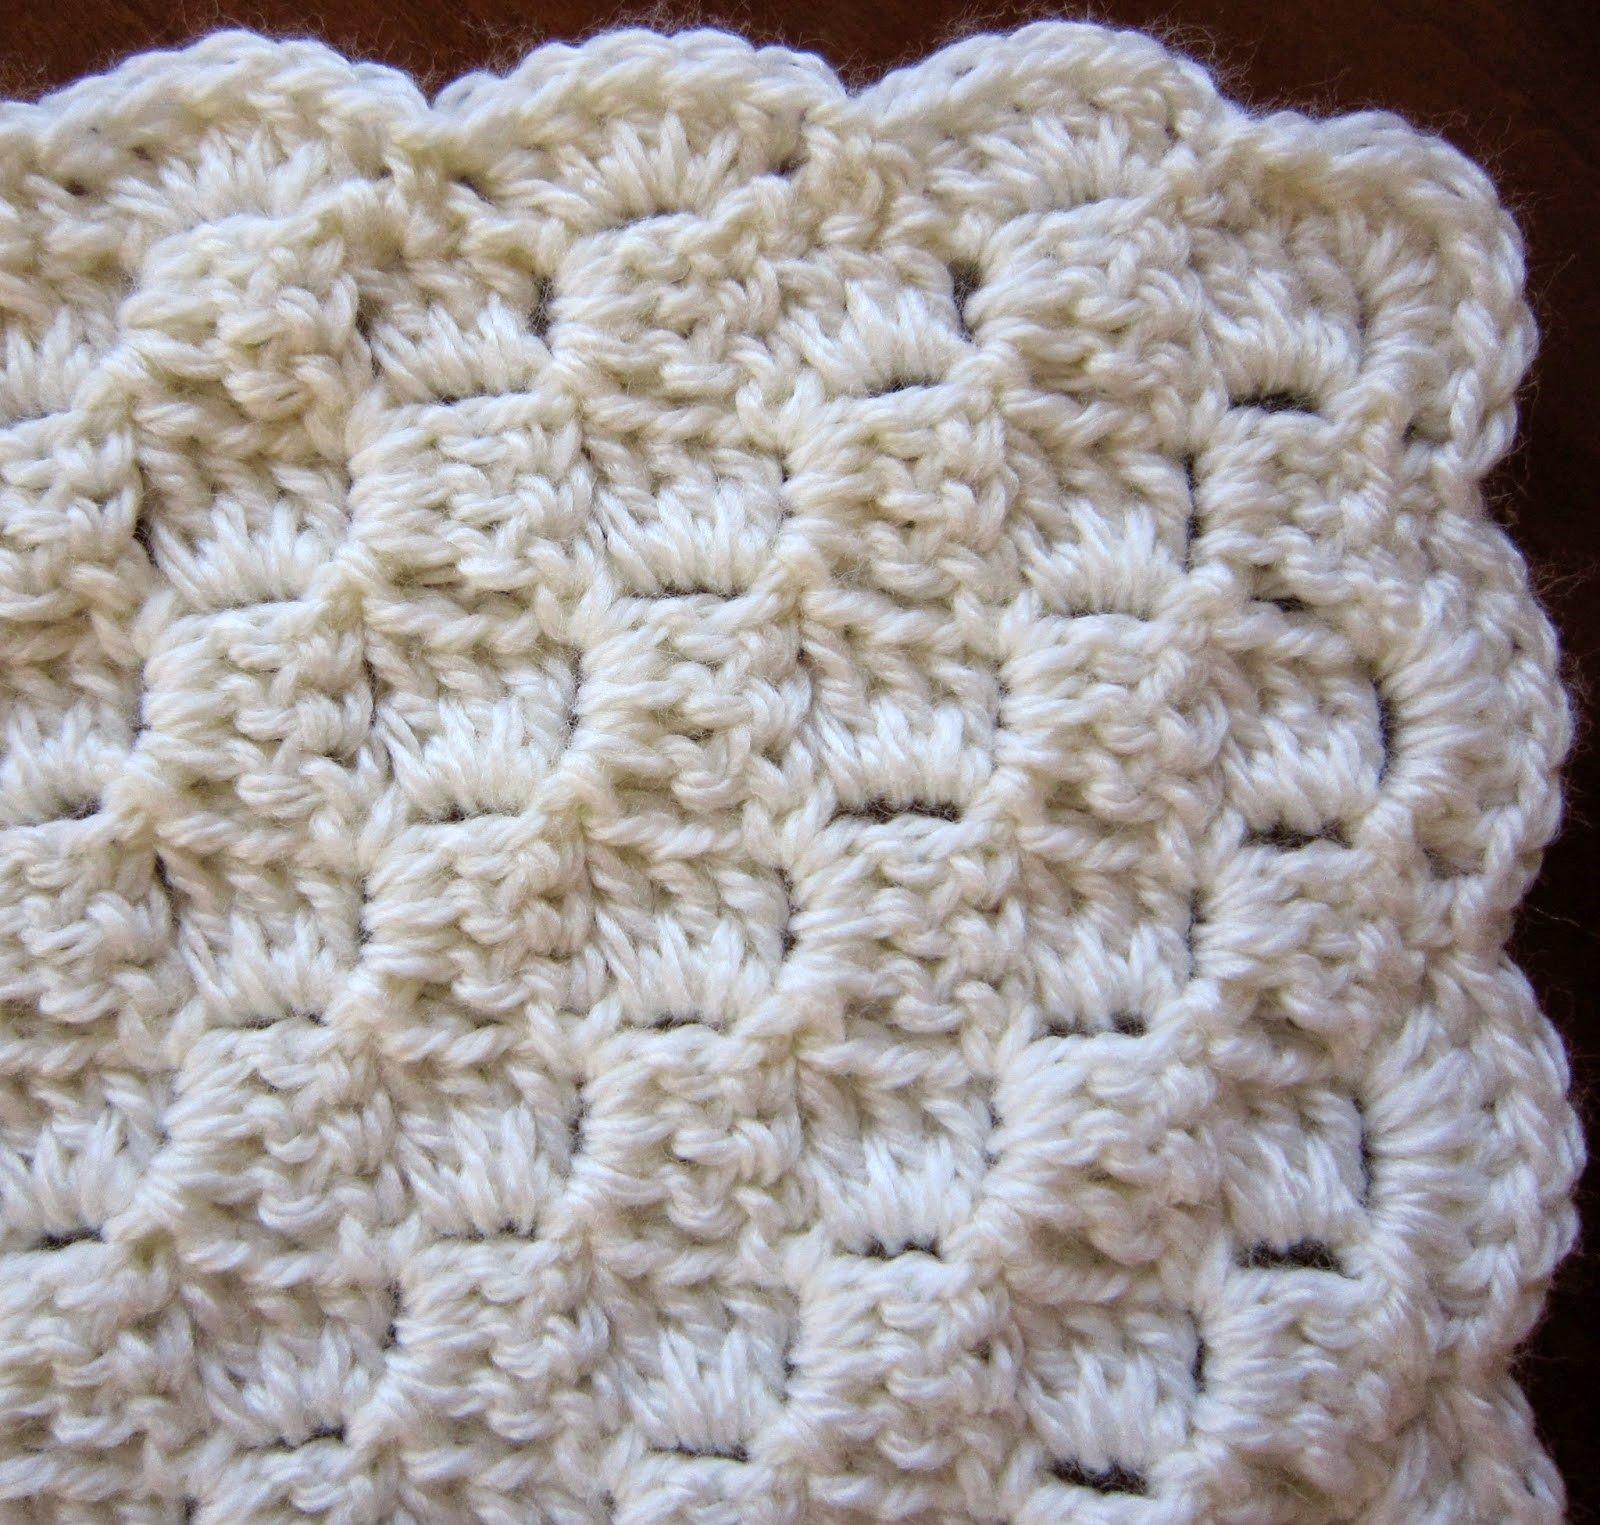 Sea Trail Grandmas: Christening Crochet Blanket | blankets ...